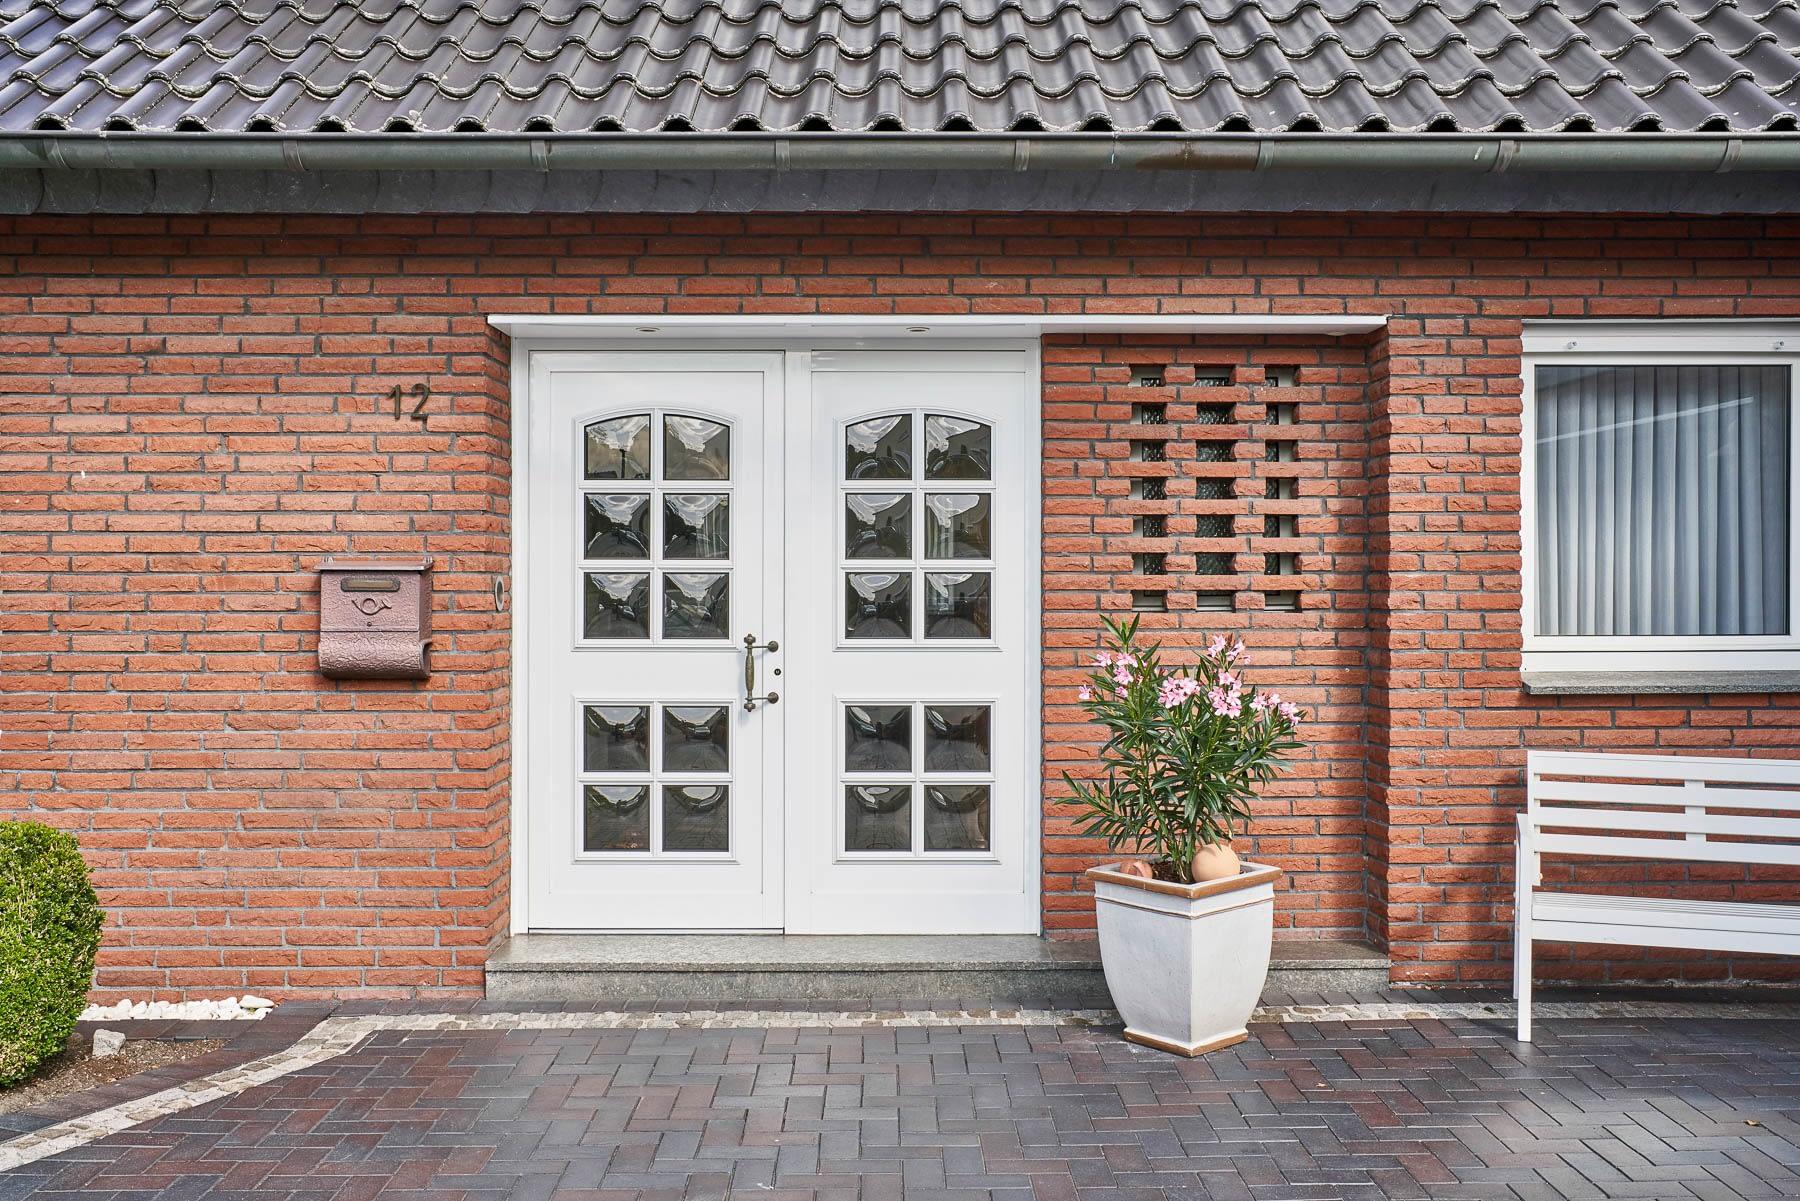 kleinegreber-landhaus-haustuer-mit seitenteil-2